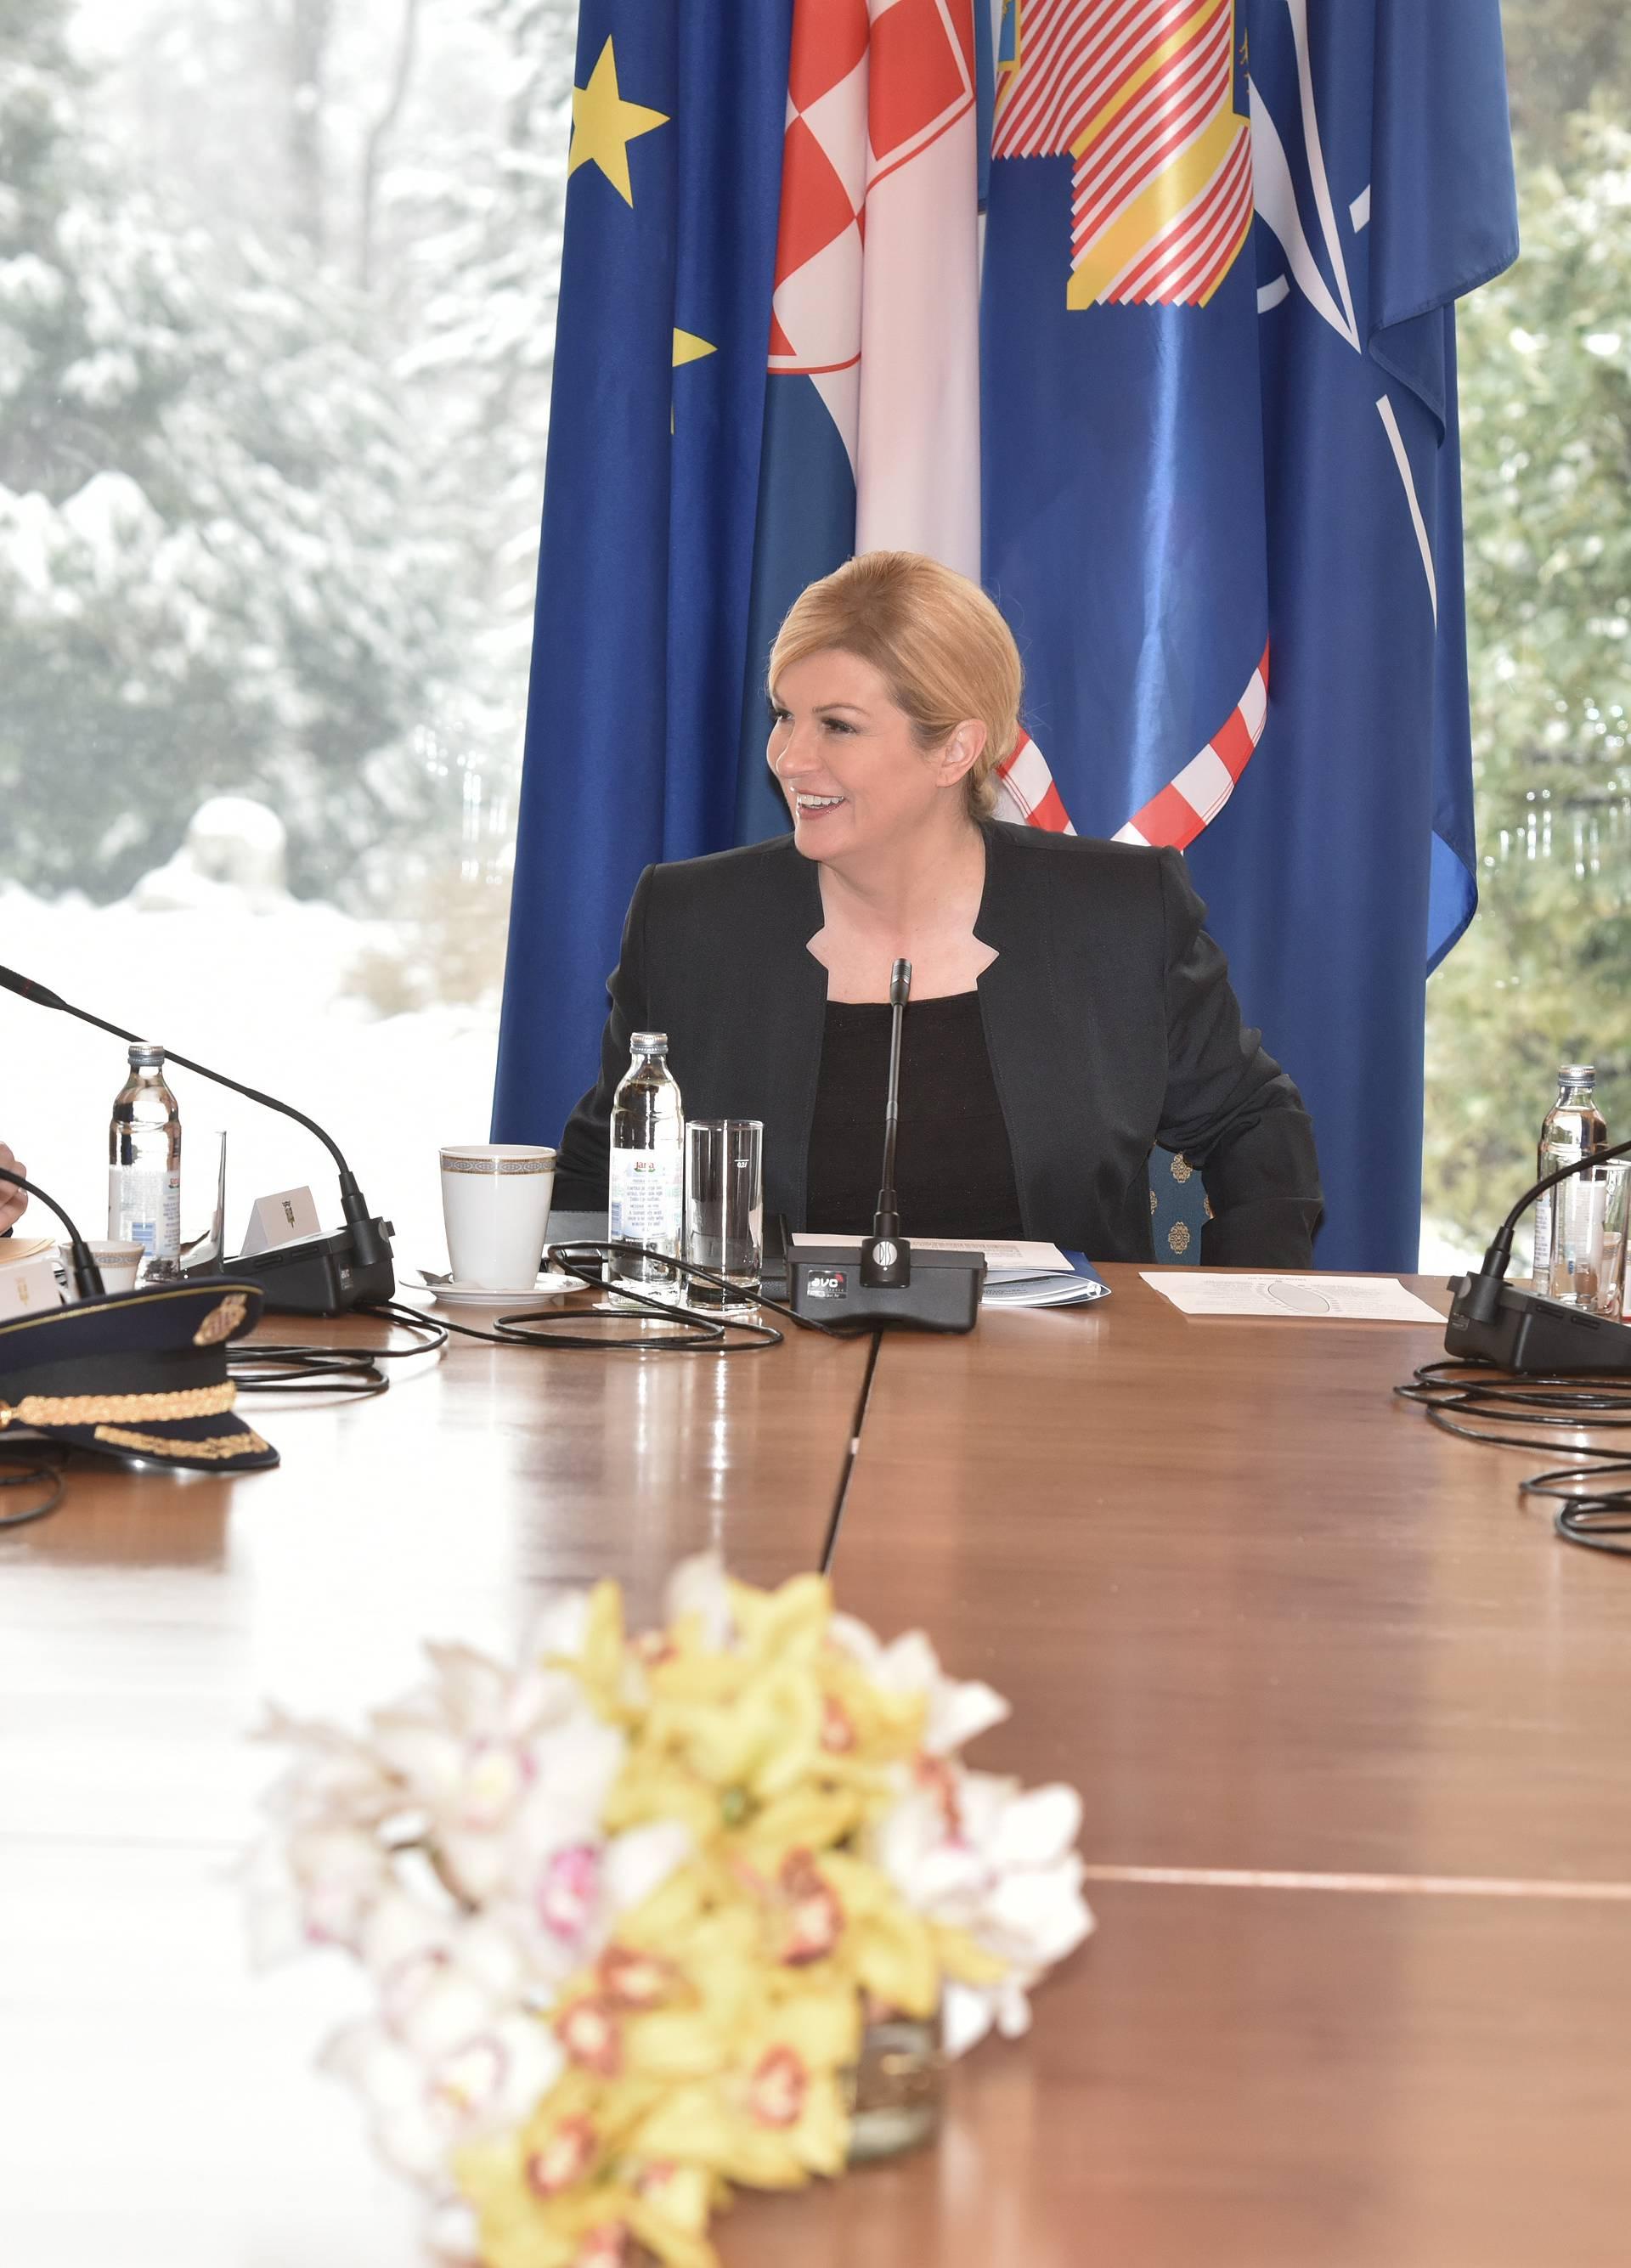 Održana je prva ovogodišnja sjednica Vijeća za sigurnost